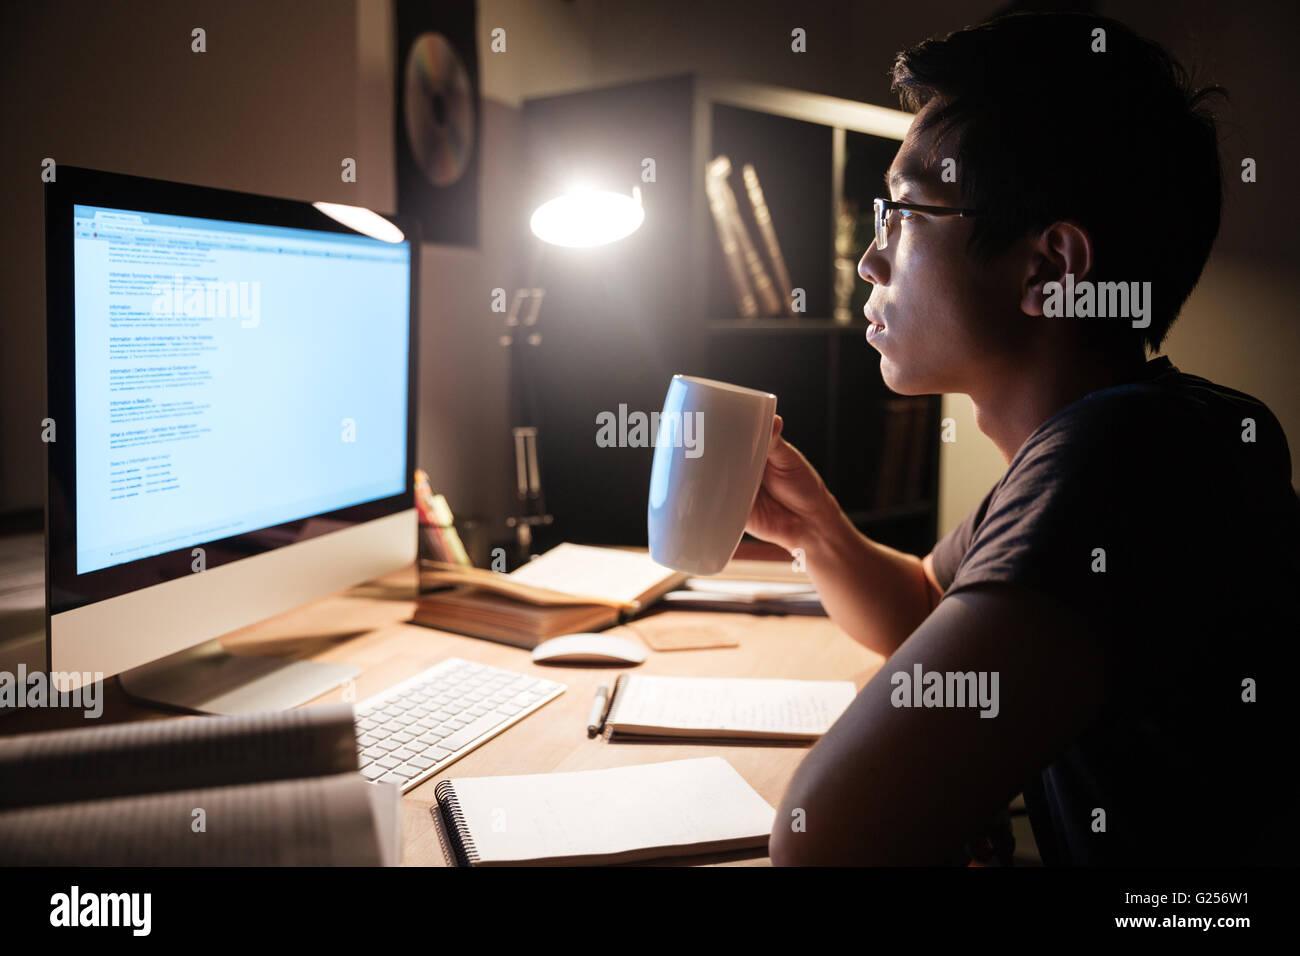 Profil de bel asiatique jeune homme étudie avec ordinateur et boire le thé dans une pièce sombre Photo Stock